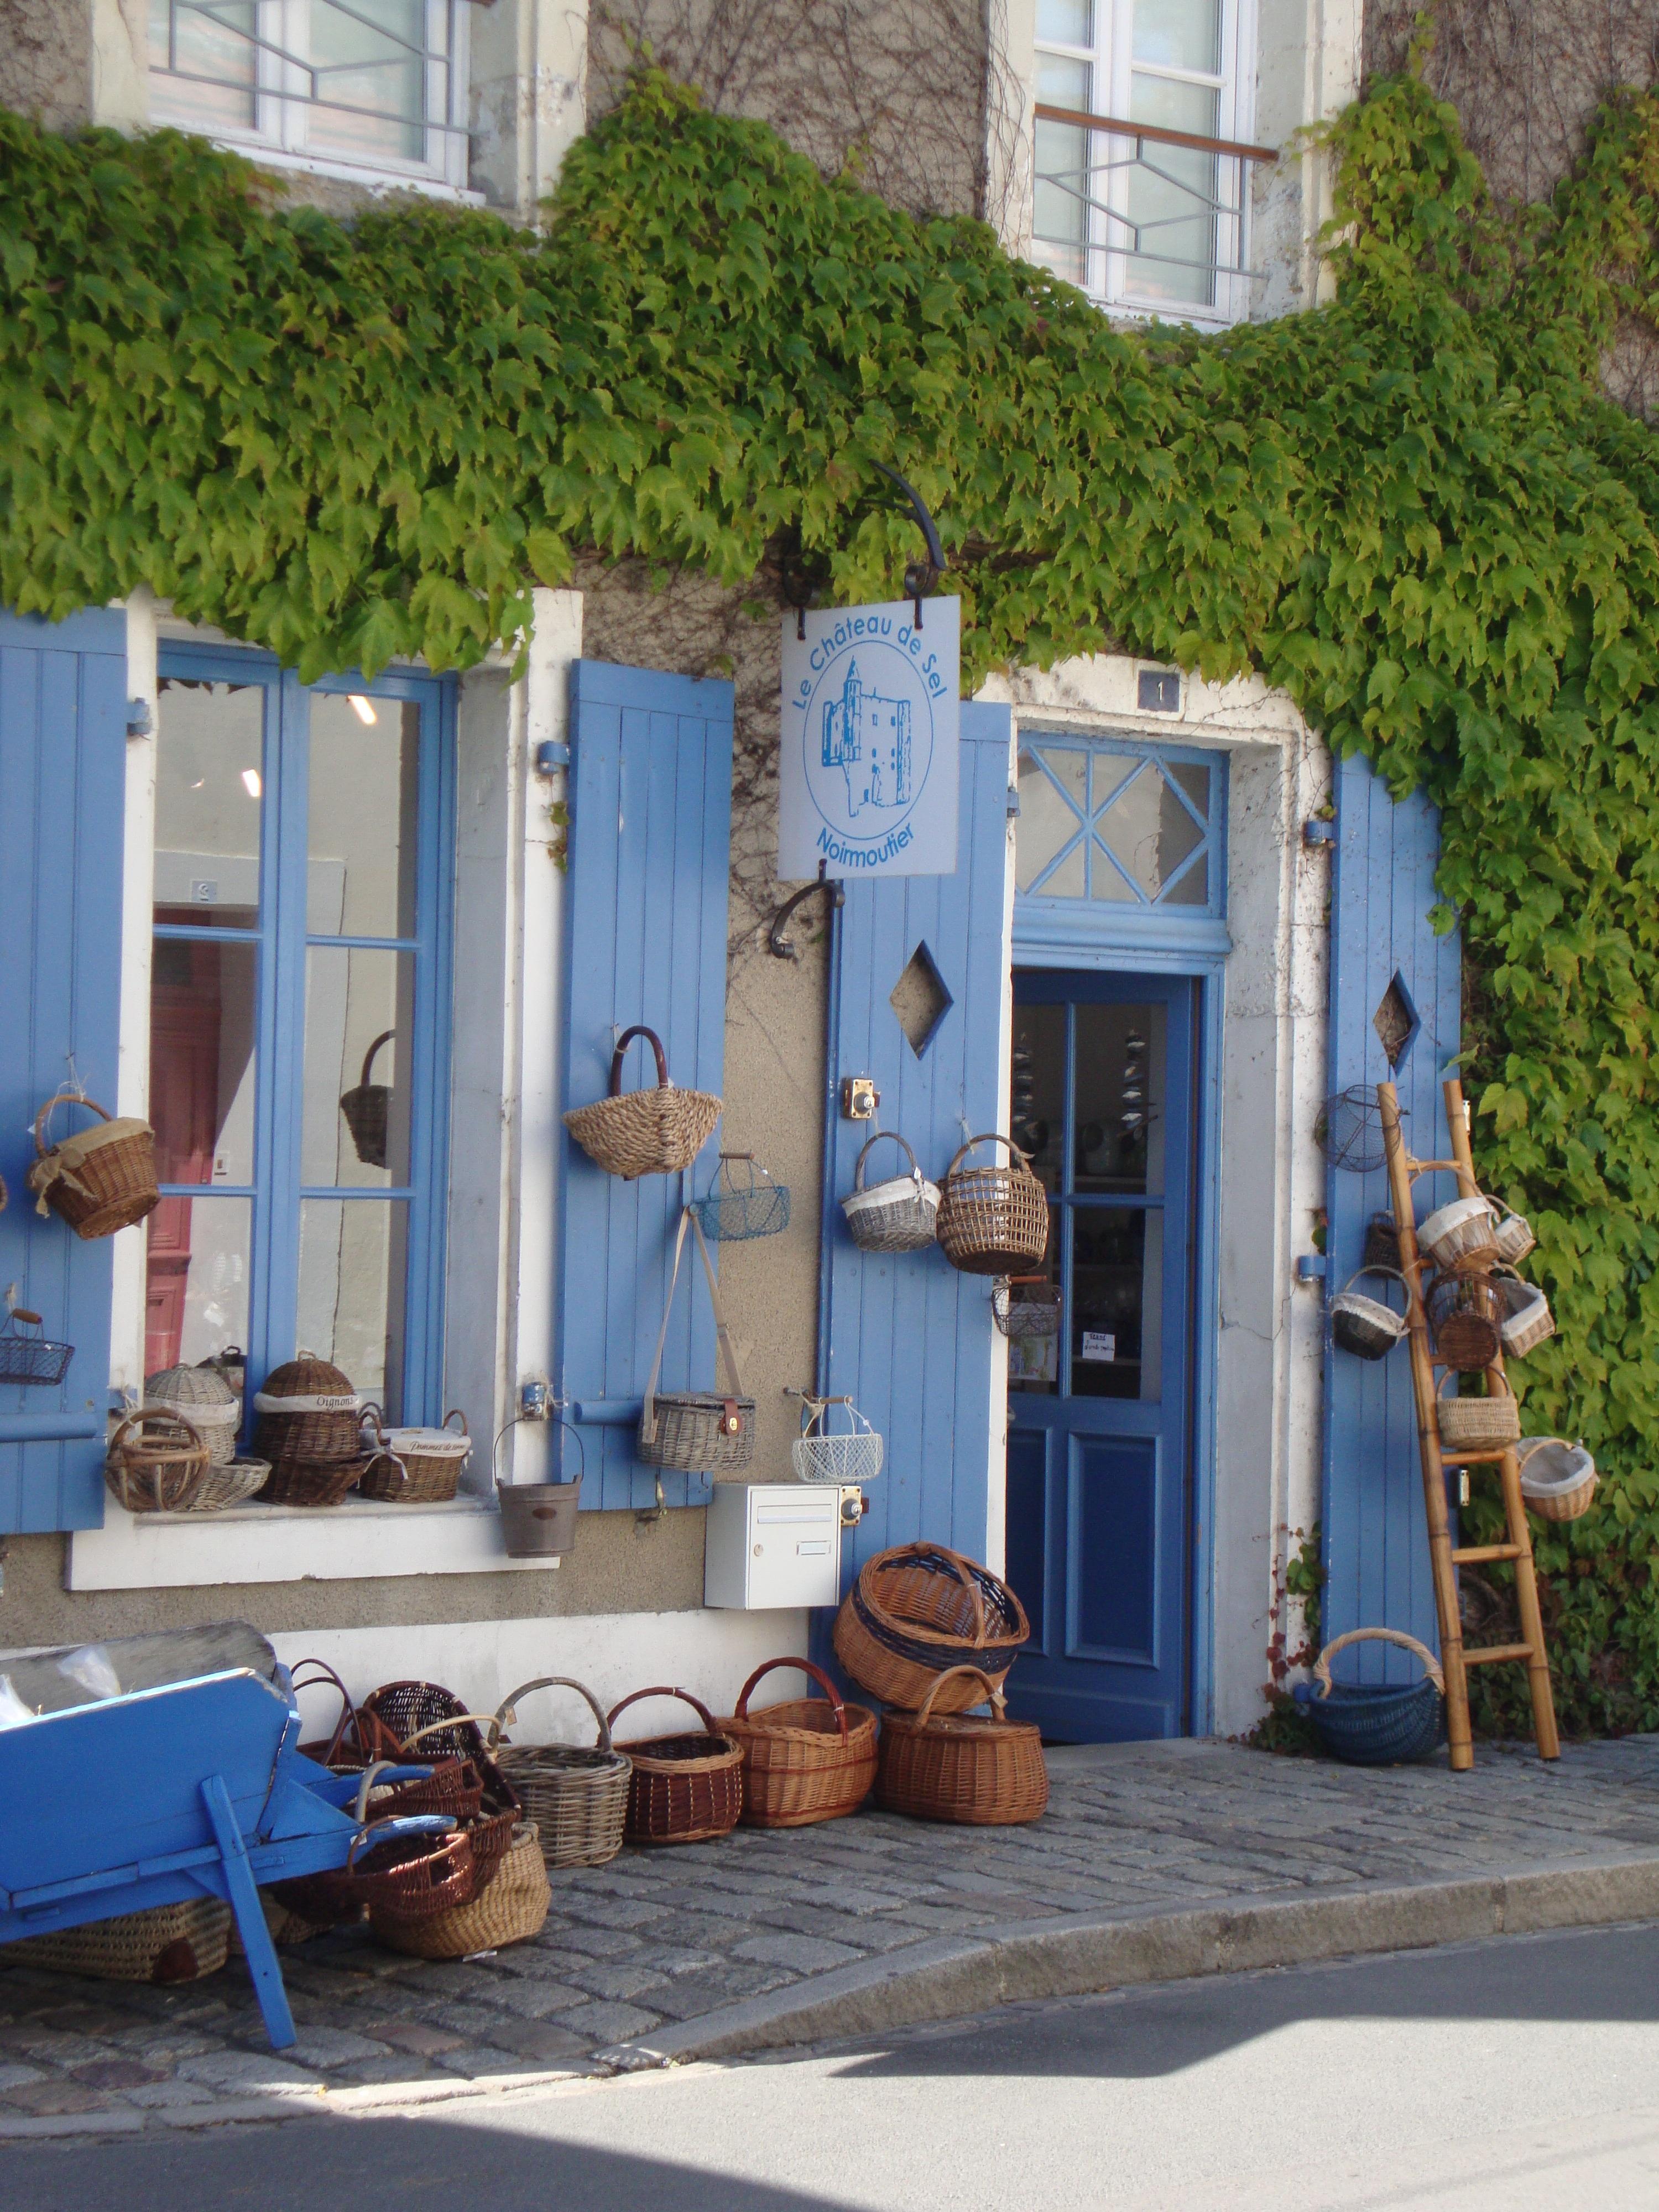 File l93 maison noirmoutier en l 39 le jpg wikimedia commons - Maison a noirmoutier ...